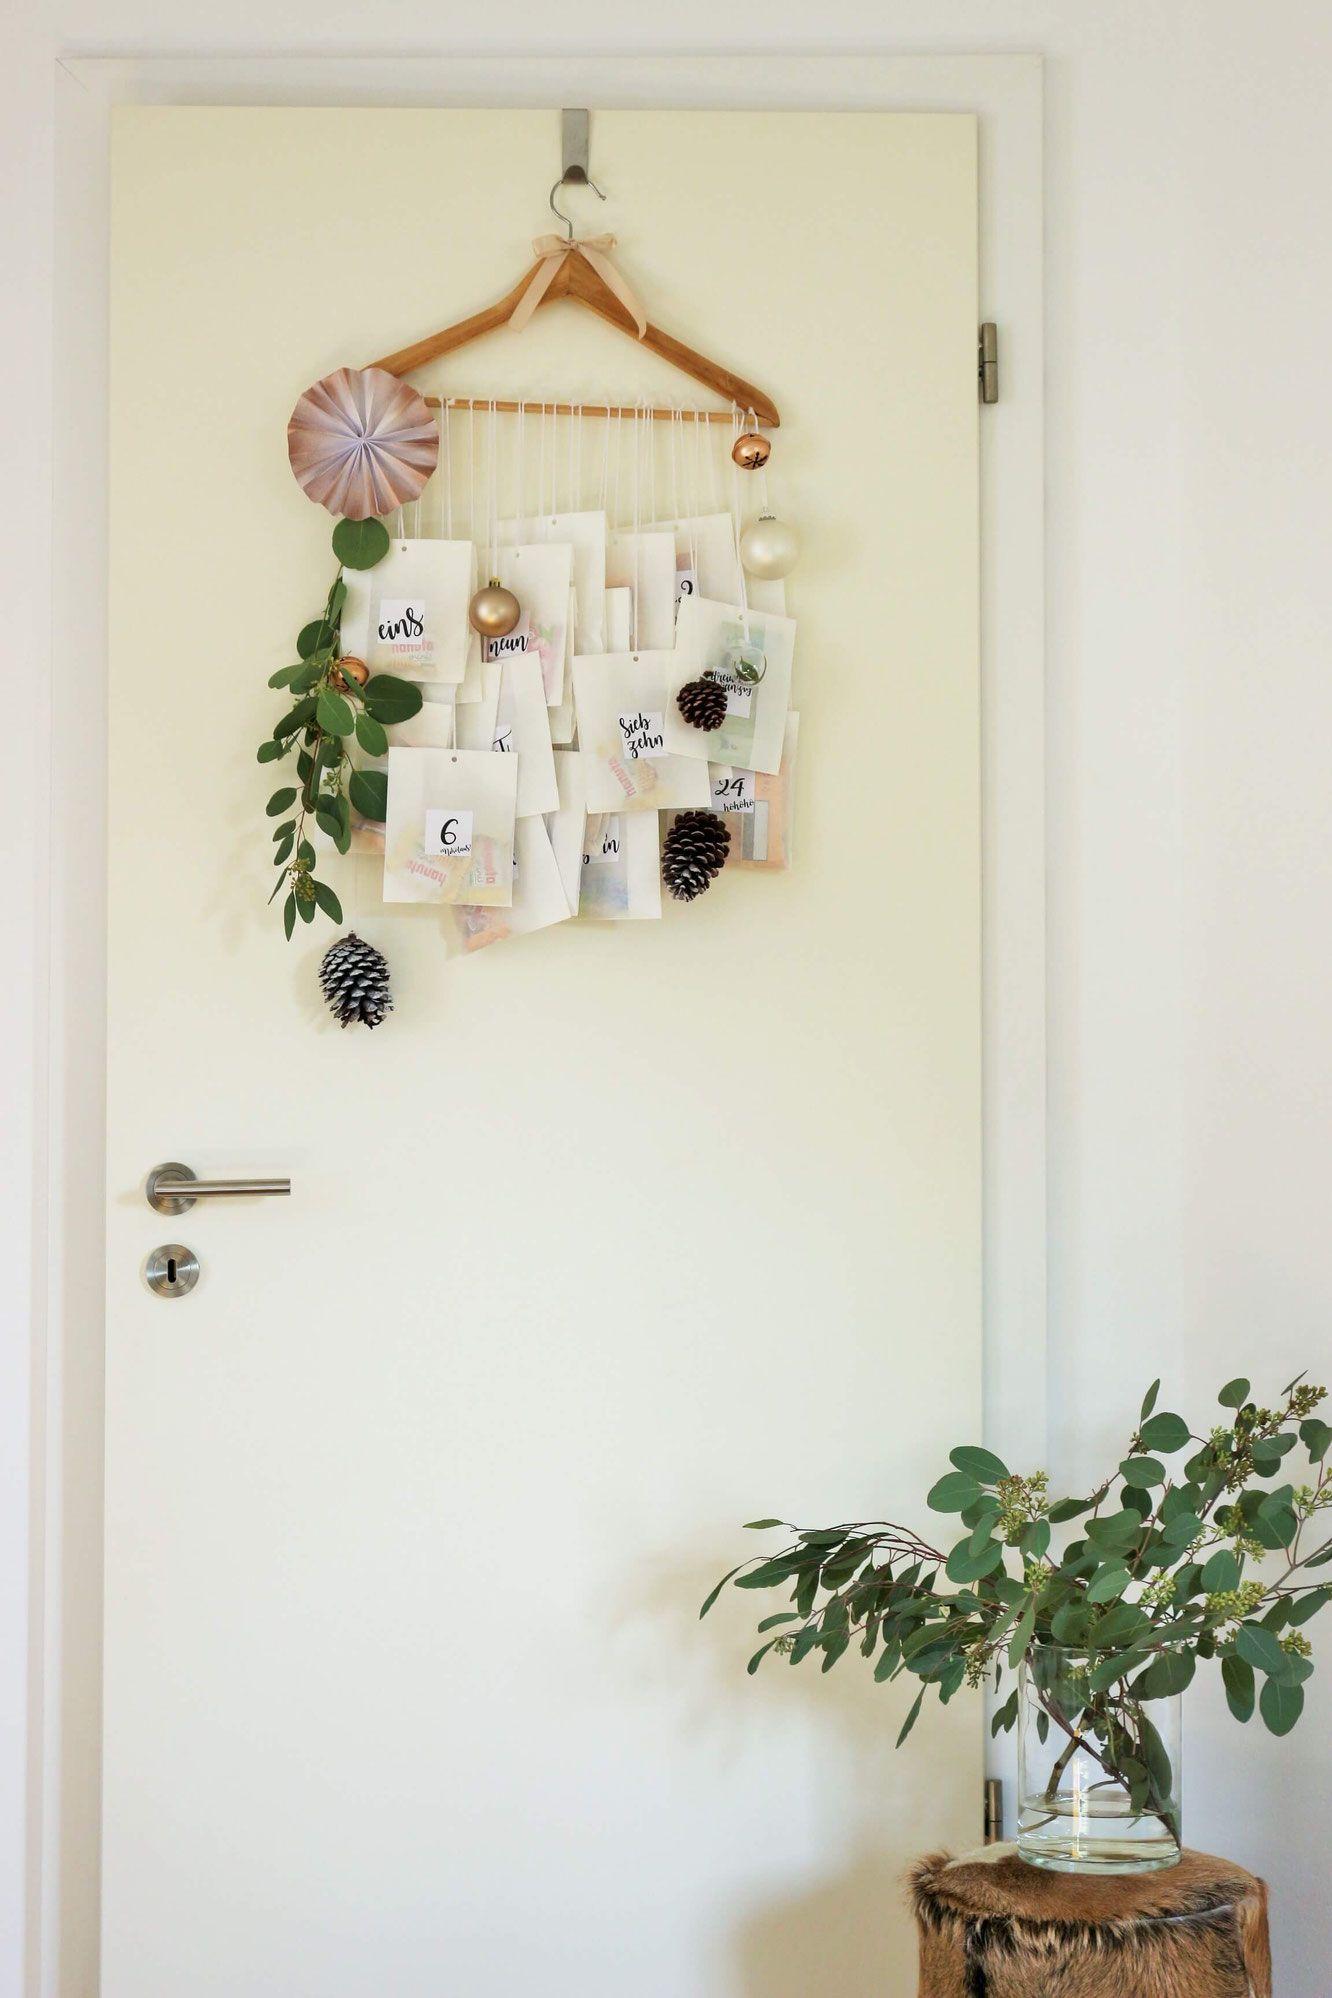 Diy Adventskalender Idee Mit Kleiderb Gel Und Papiert Ten, Inklusive